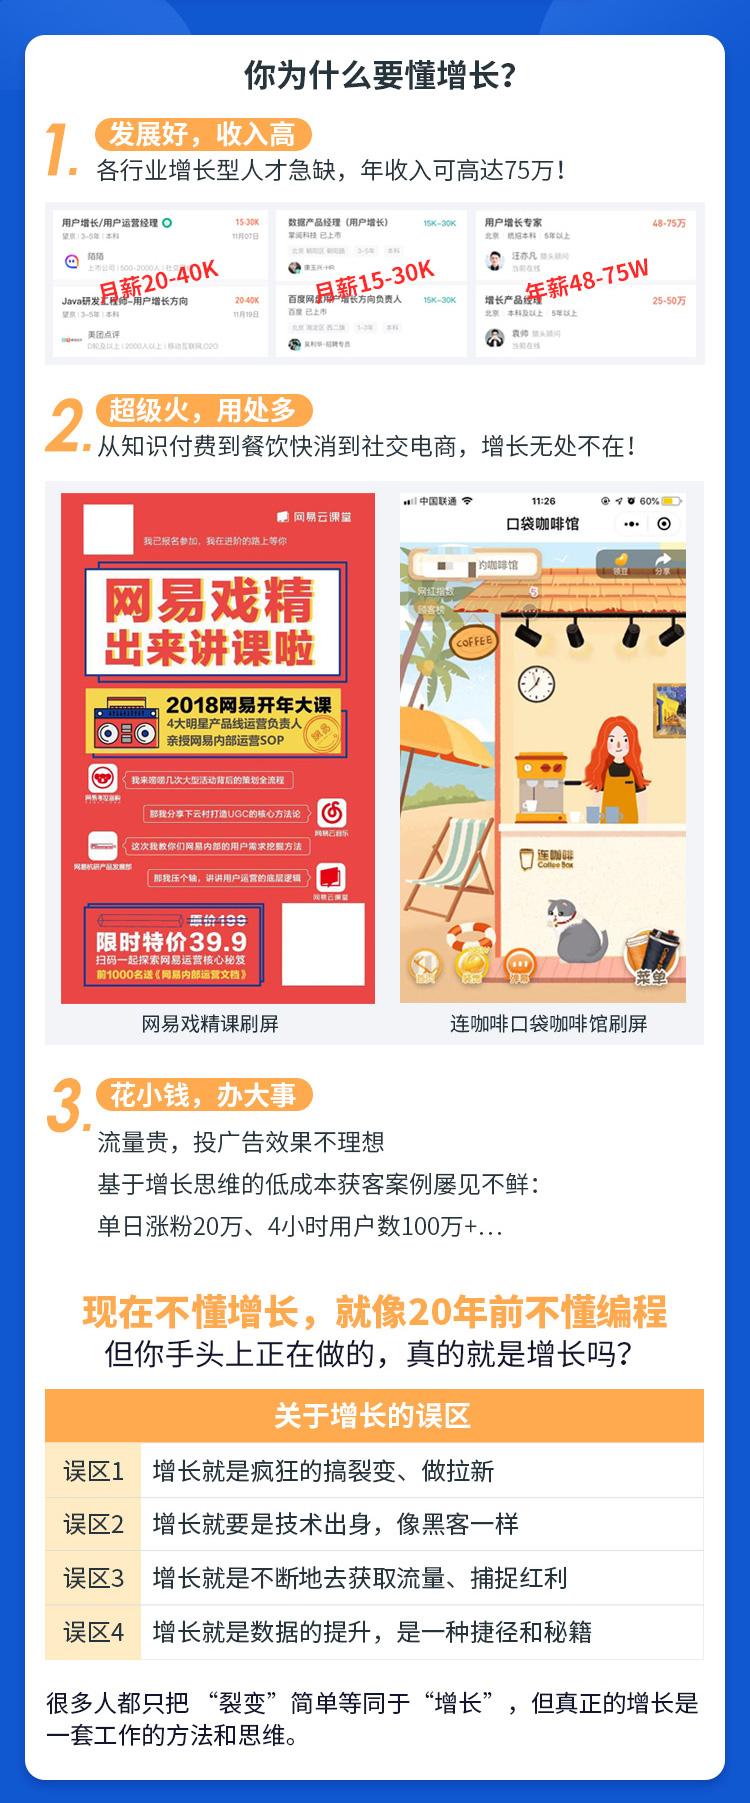 http://mtedu-img.oss-cn-beijing-internal.aliyuncs.com/ueditor/20190415103207_940819.jpg